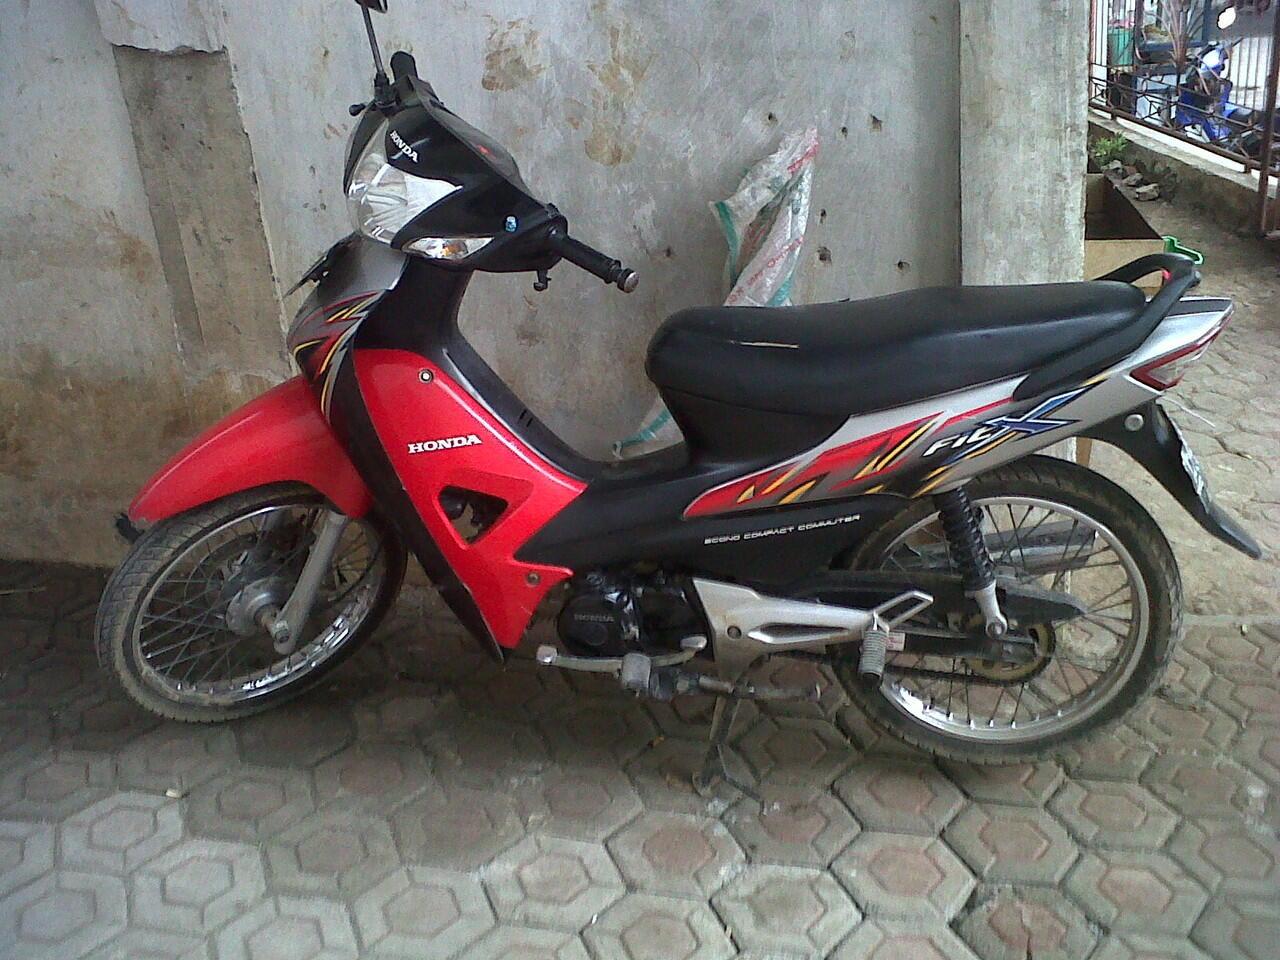 Terjual Honda Supra Fit X Black Engine Warna Merah Silver 2008 Mulus Bandung